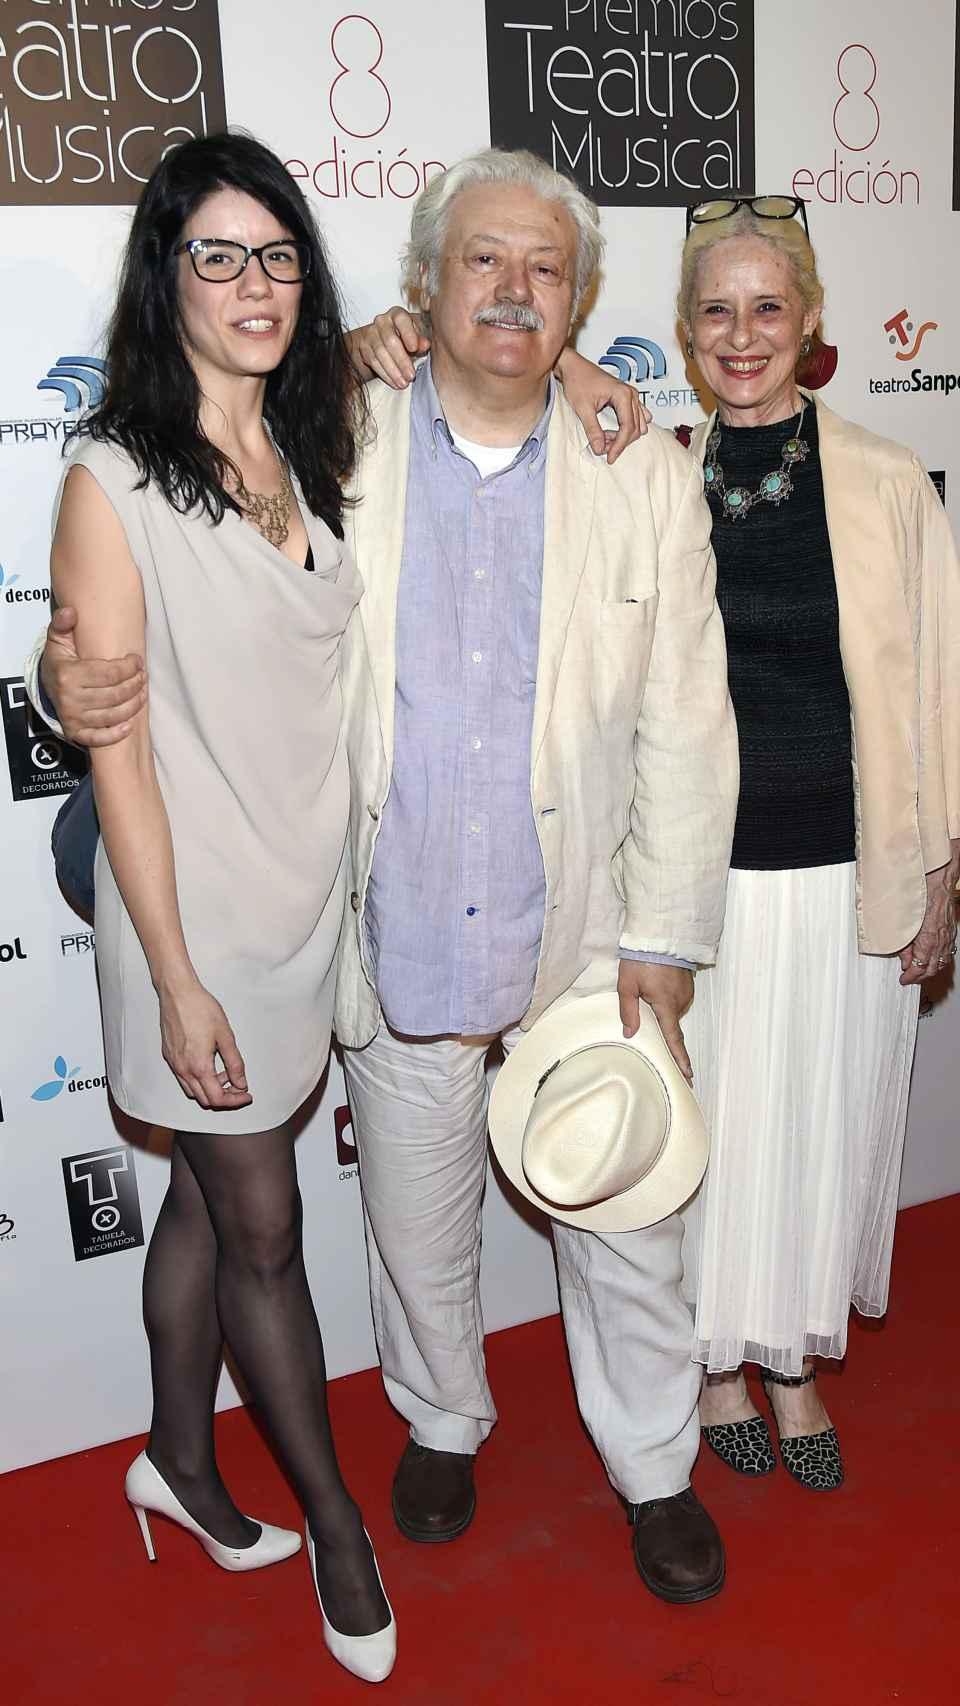 Los actores Mario Gas, Vicky Peña y Miranda Gas Peña durante los premios del Teatro Musical en Madrid.